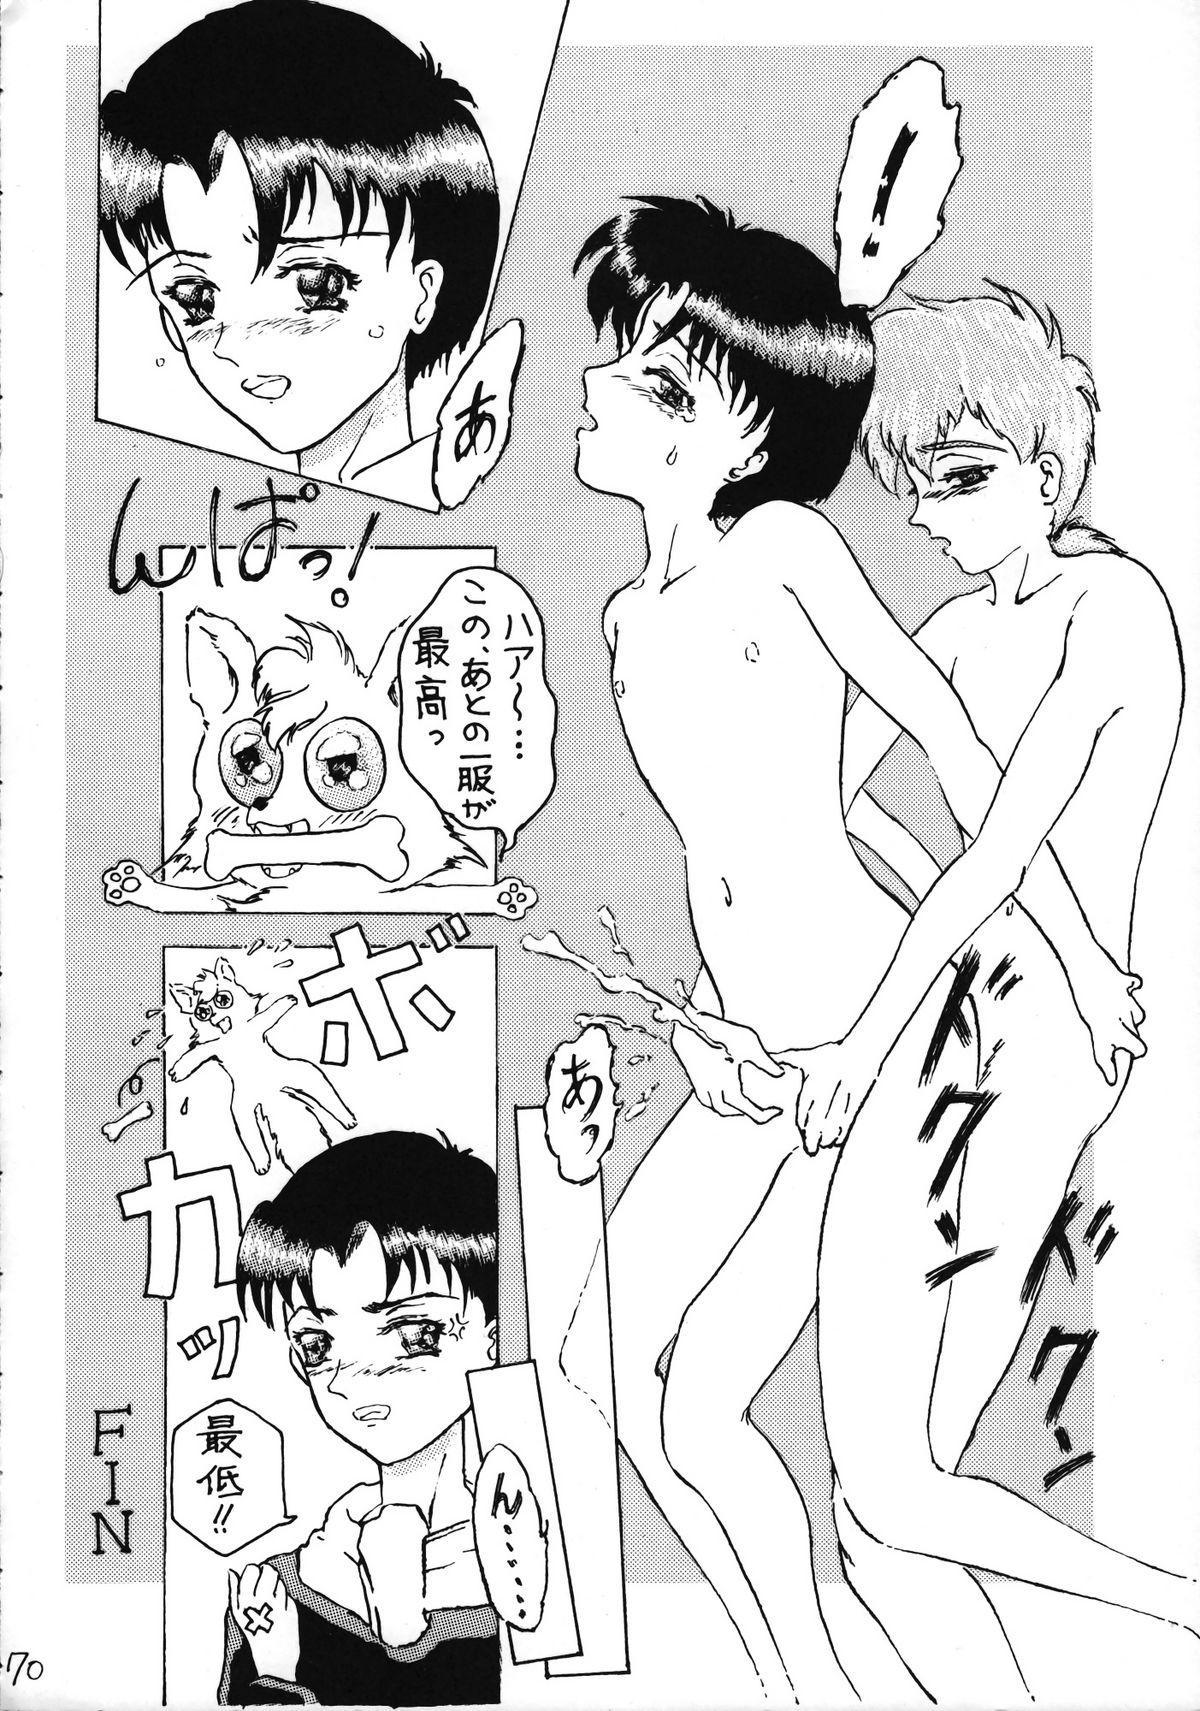 Ikenai! Otokonoko Hon Boy's H Book 2 70